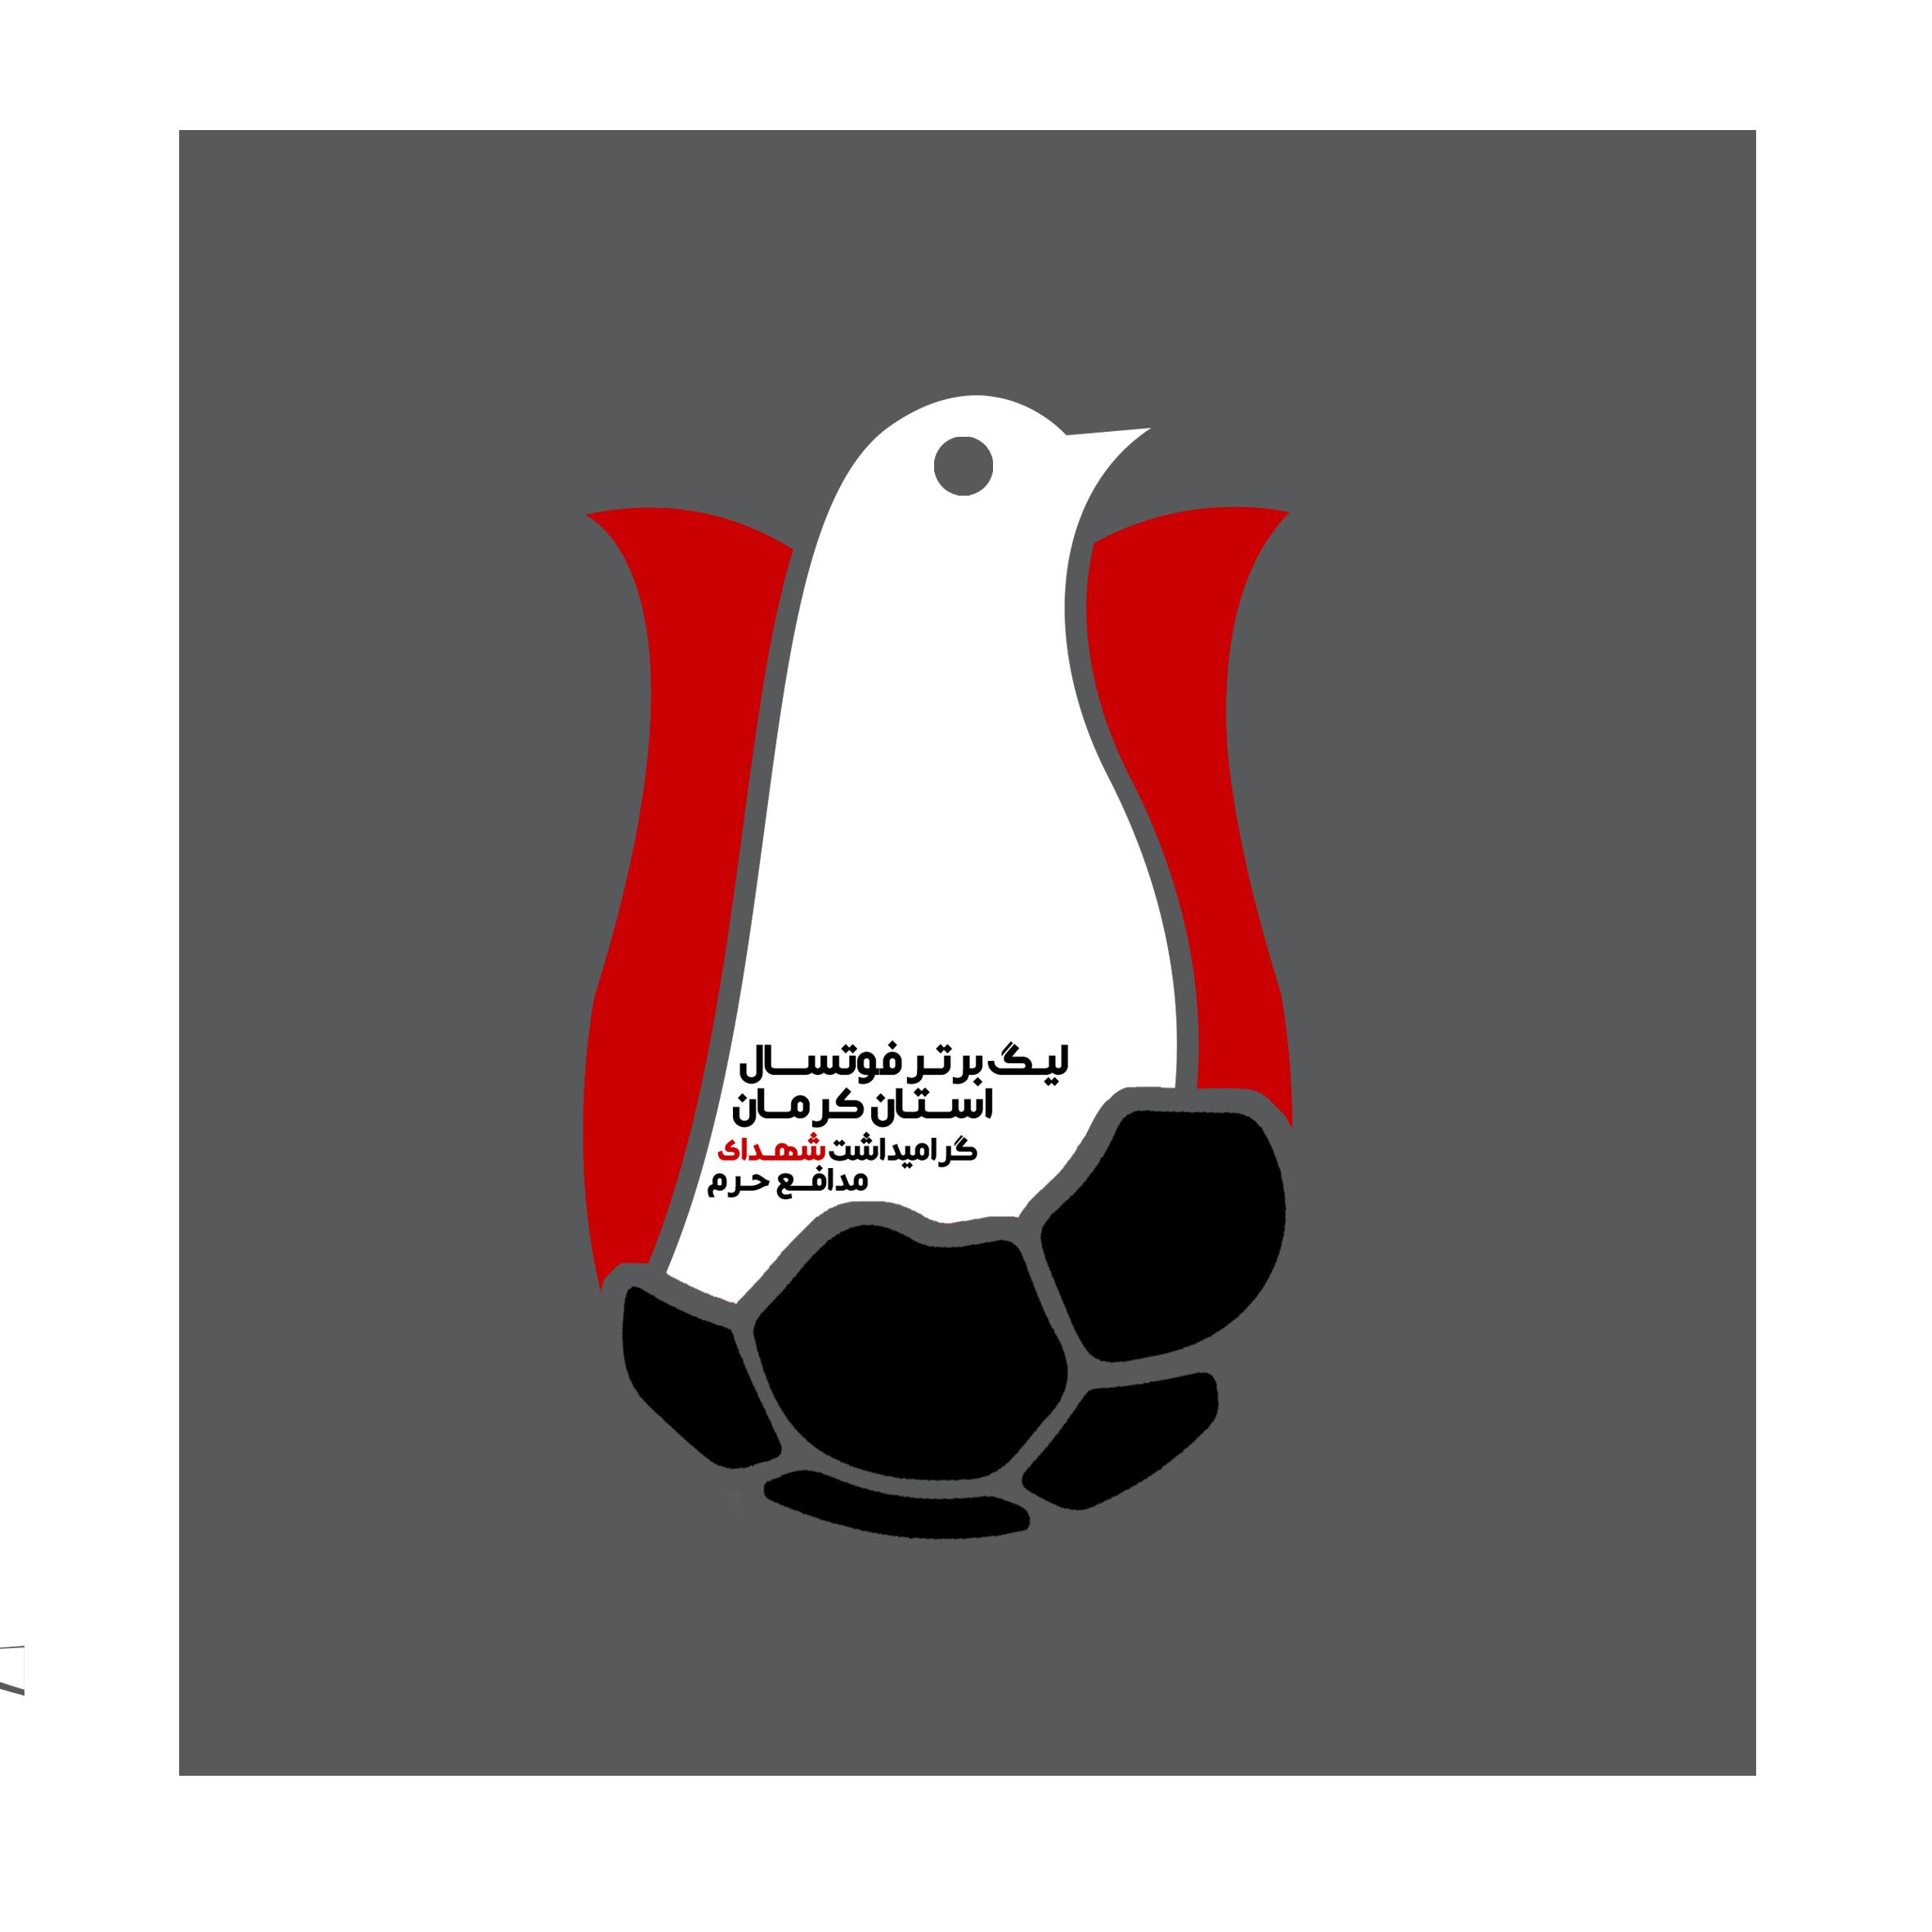 برنامه هفته پایانی لیگ برتر فوتسال استان کرمان اعلام شد